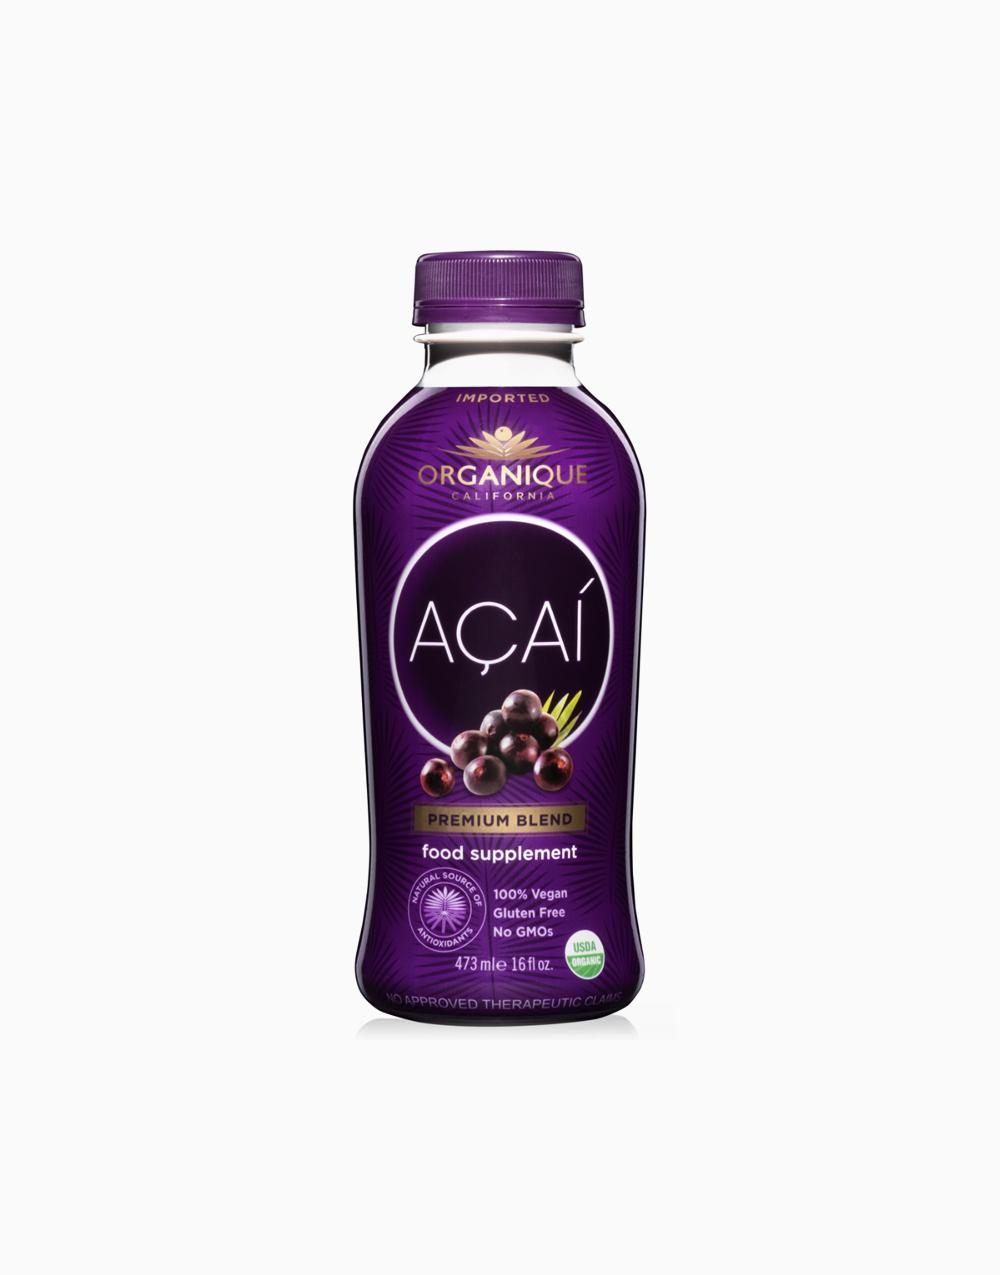 Organique Açaí Premium Blend (473mL) by Organique Açaí